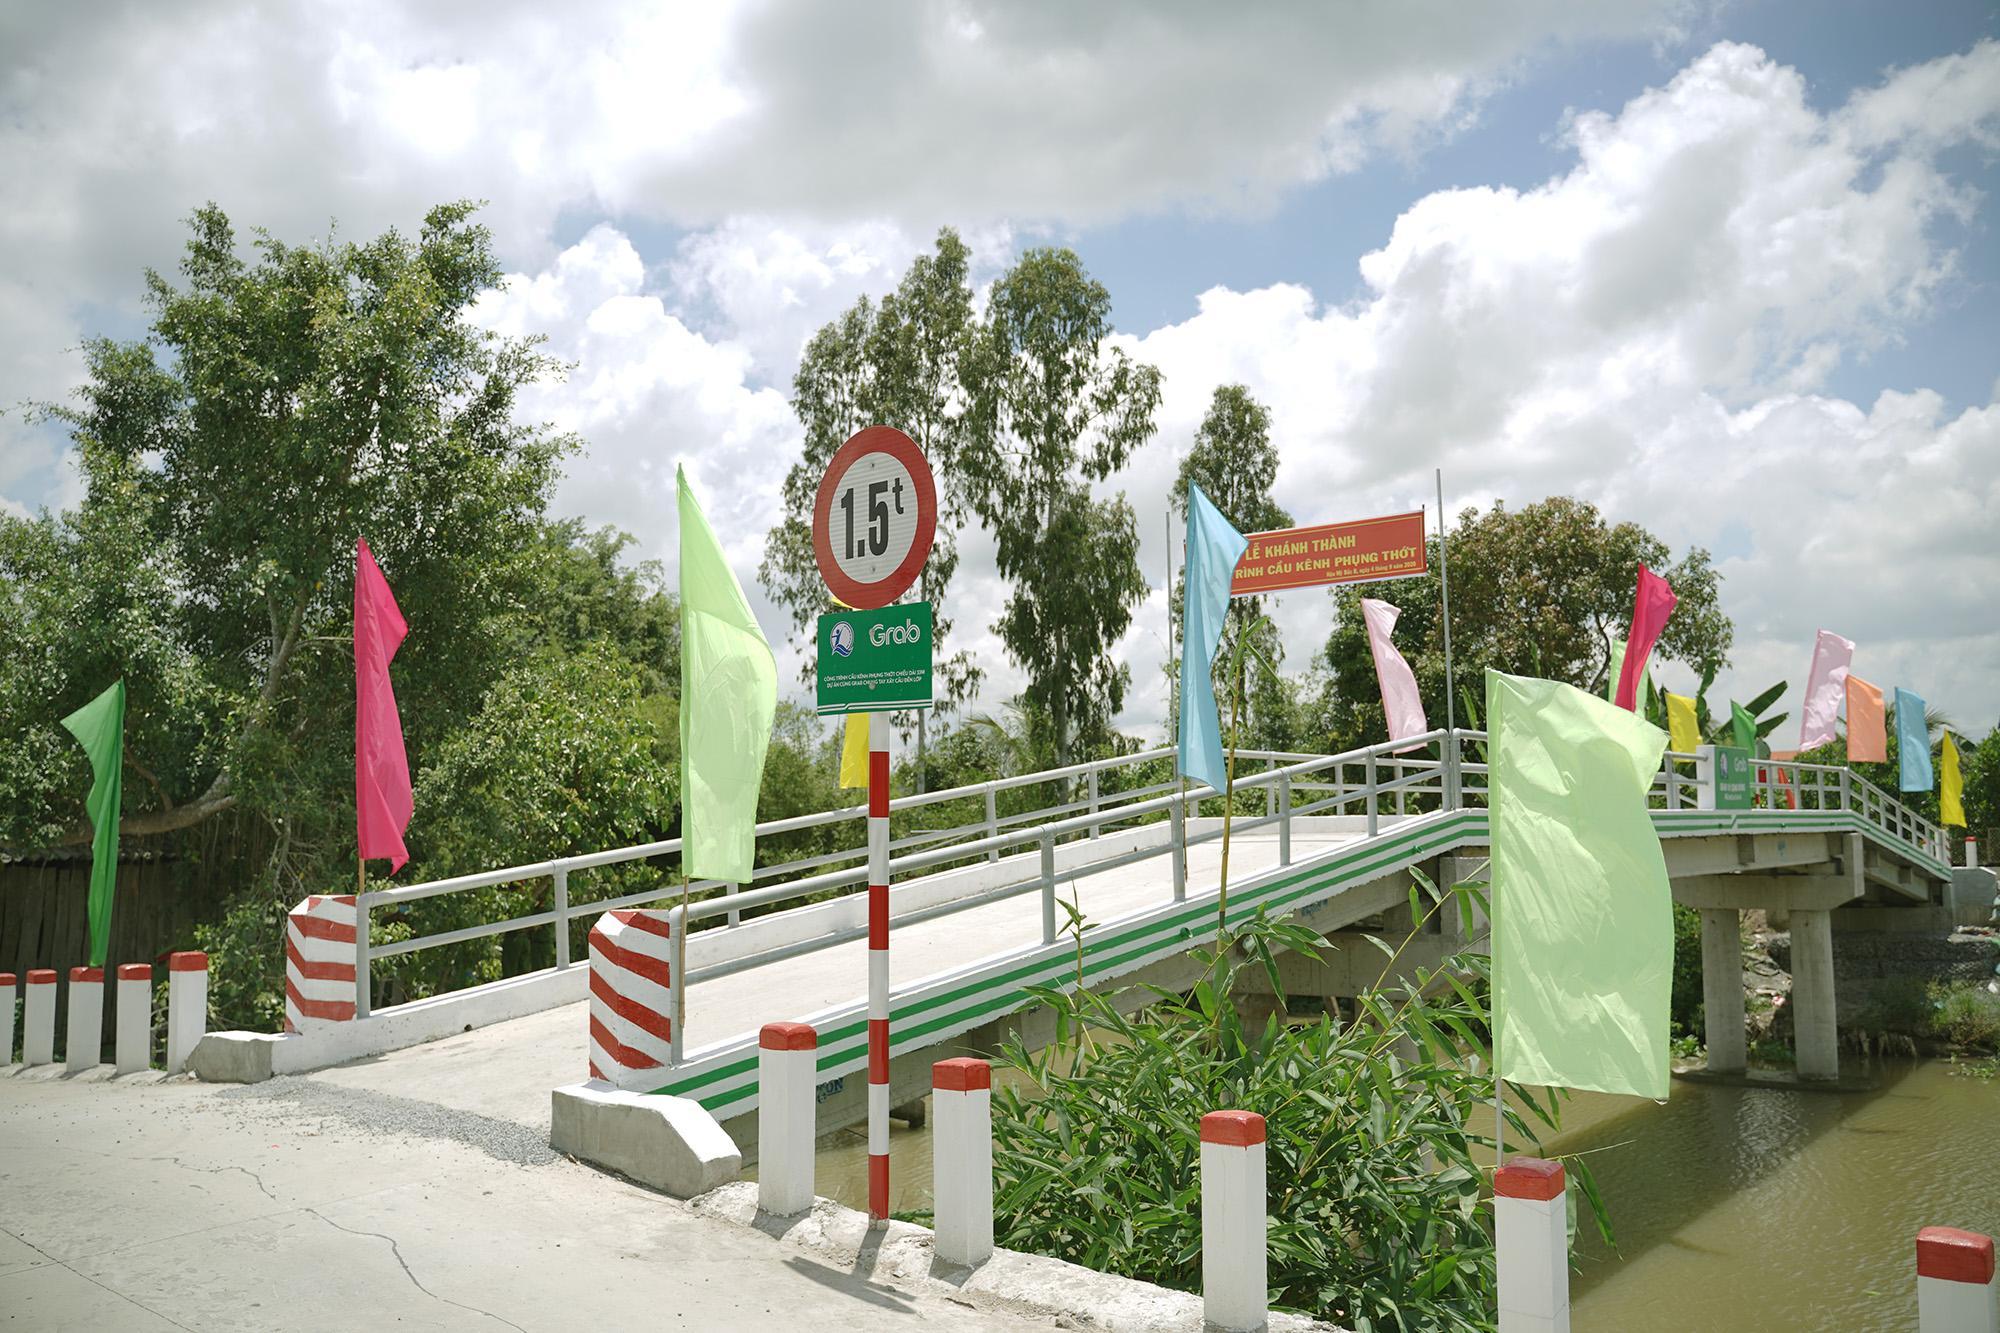 Cây cầu mới chắp bước niềm vui đến trường của trẻ em vùng sâu Tiền Giang - Ảnh 2.